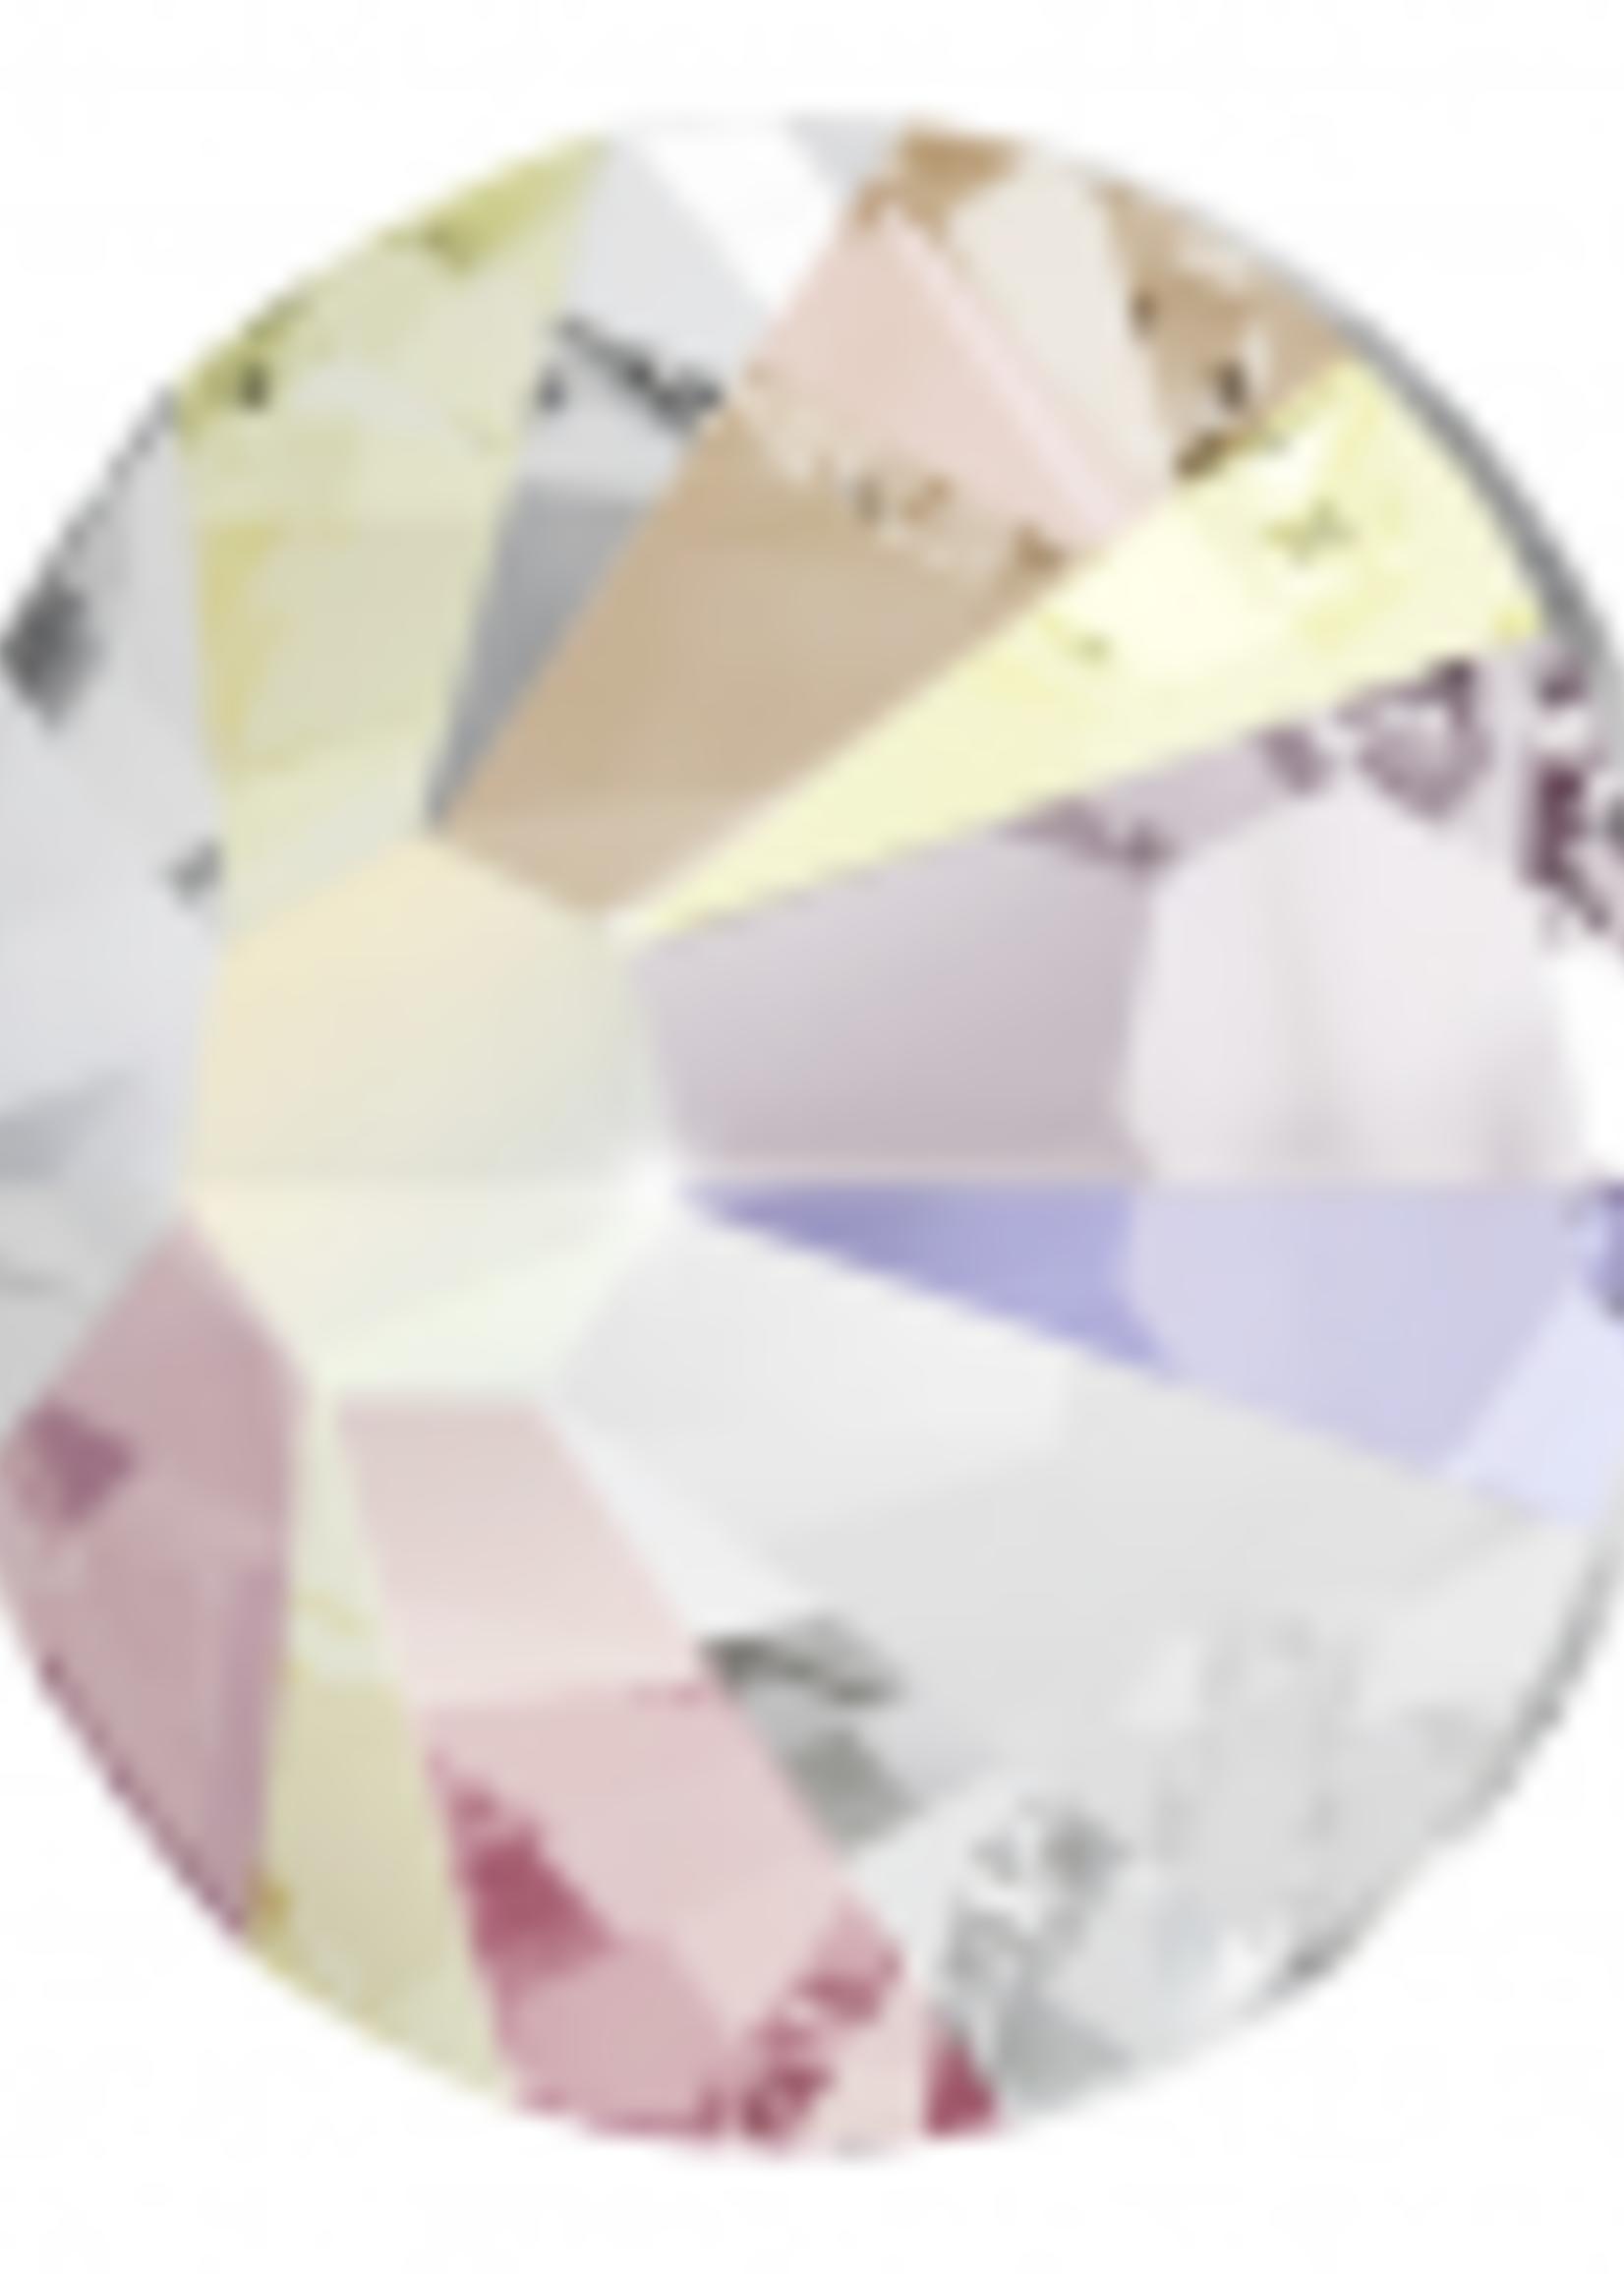 Swarovski Swarovski Crystal AB 1.75 mm